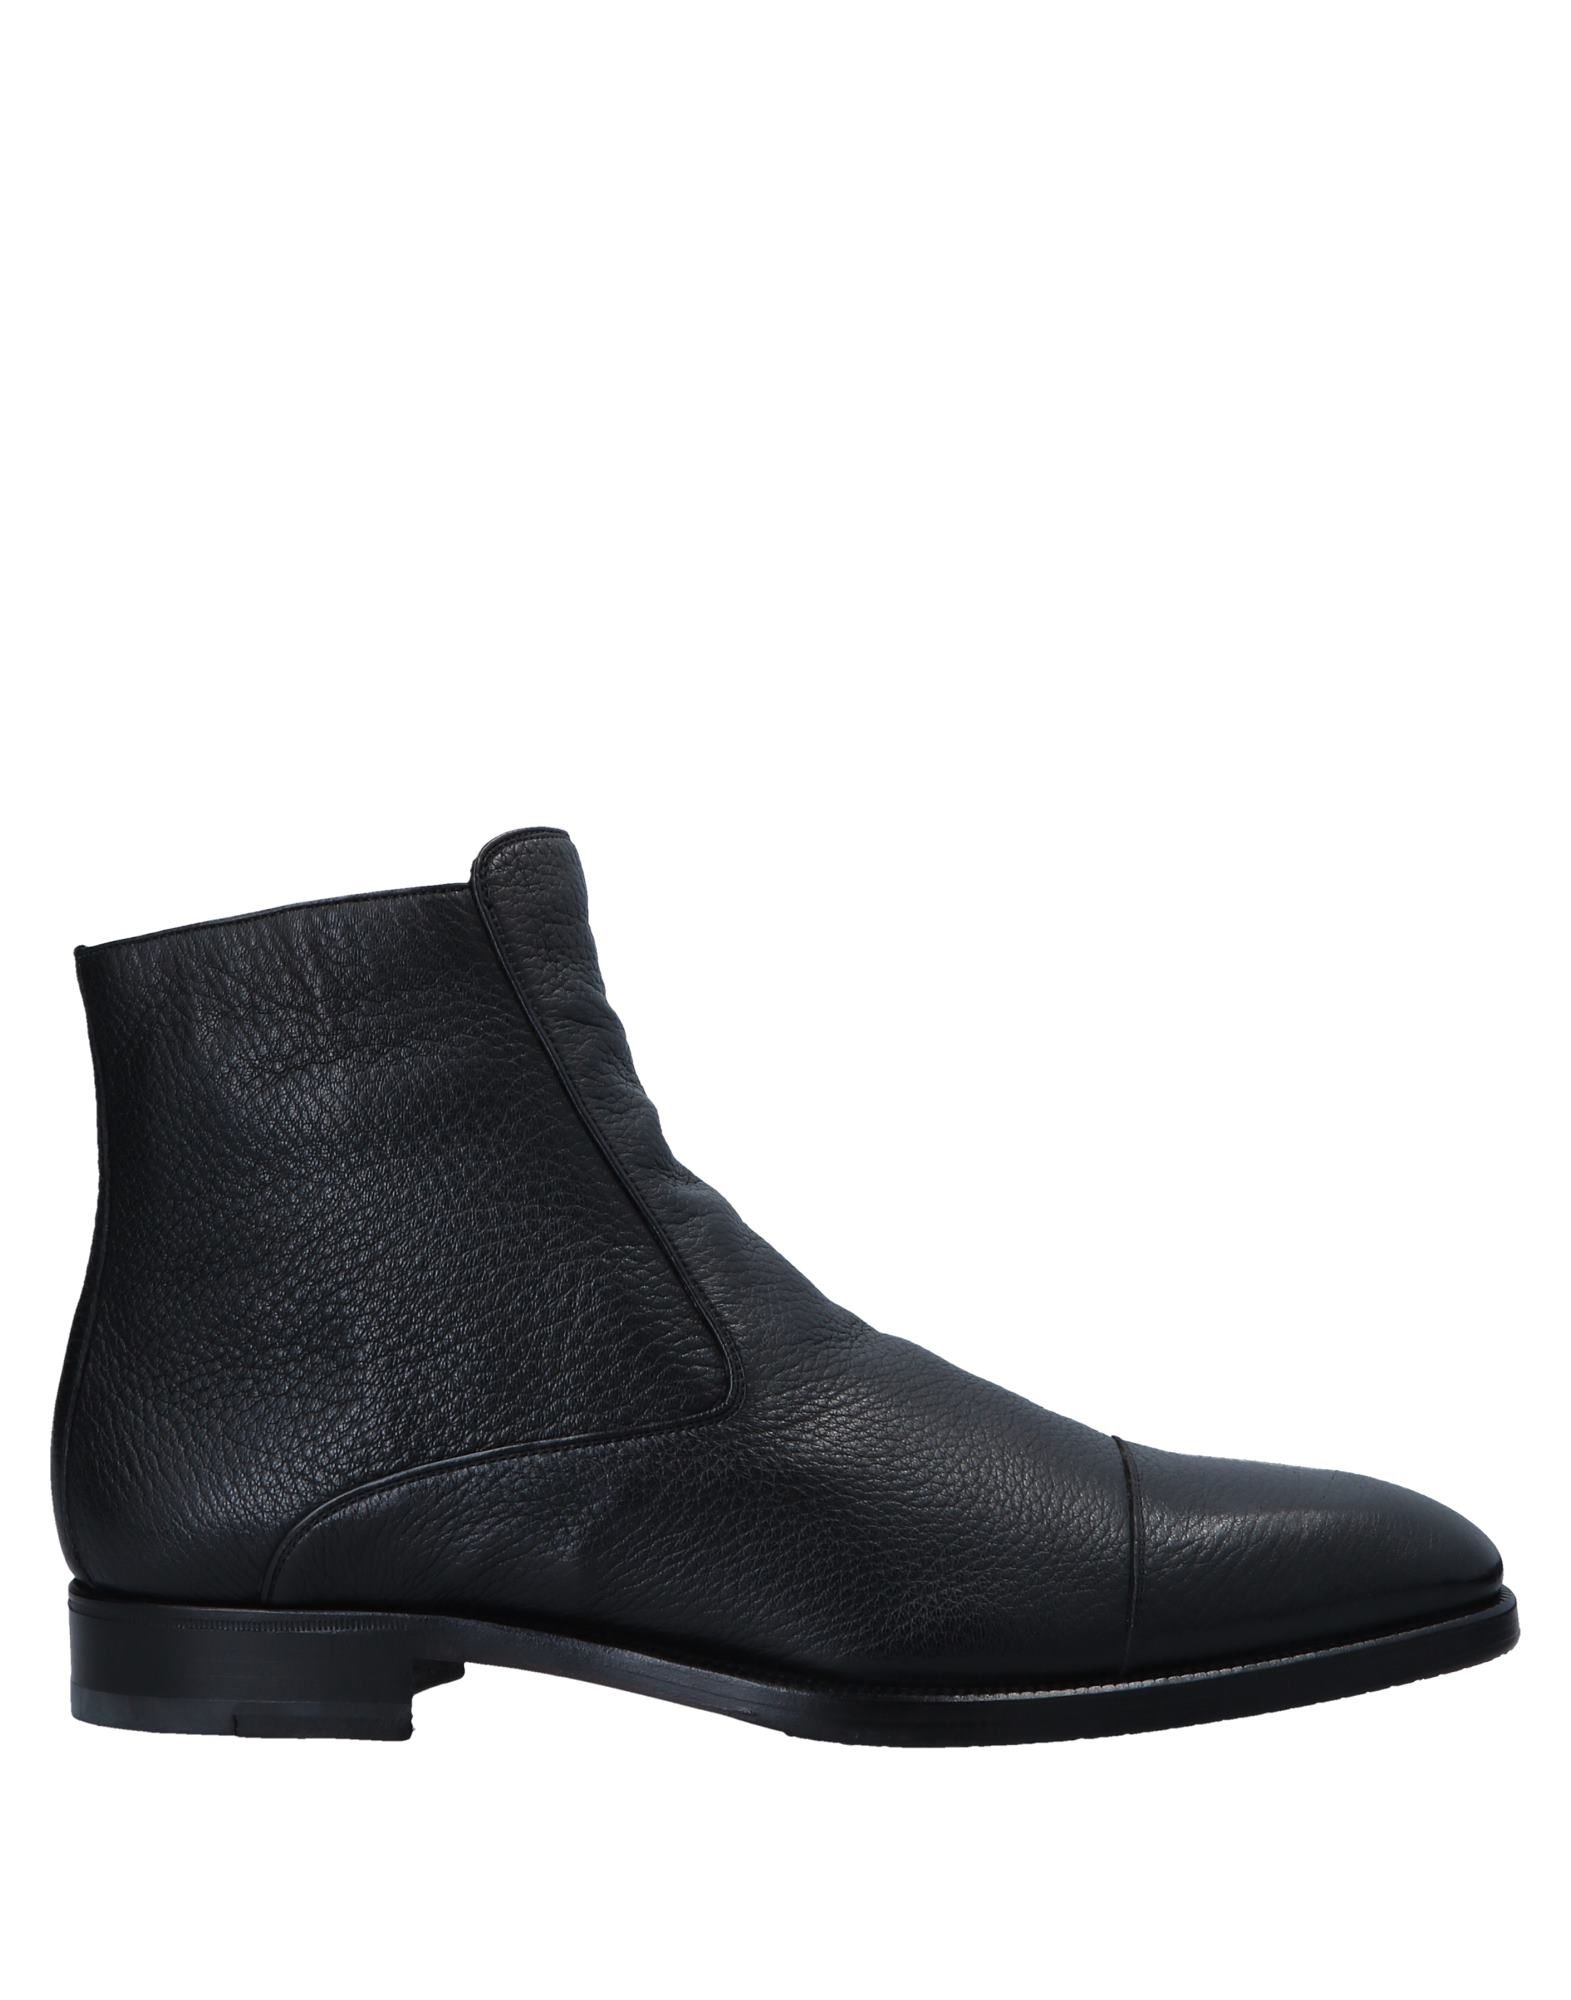 A.Testoni Stiefelette Herren  11548574SU Gute Qualität beliebte Schuhe